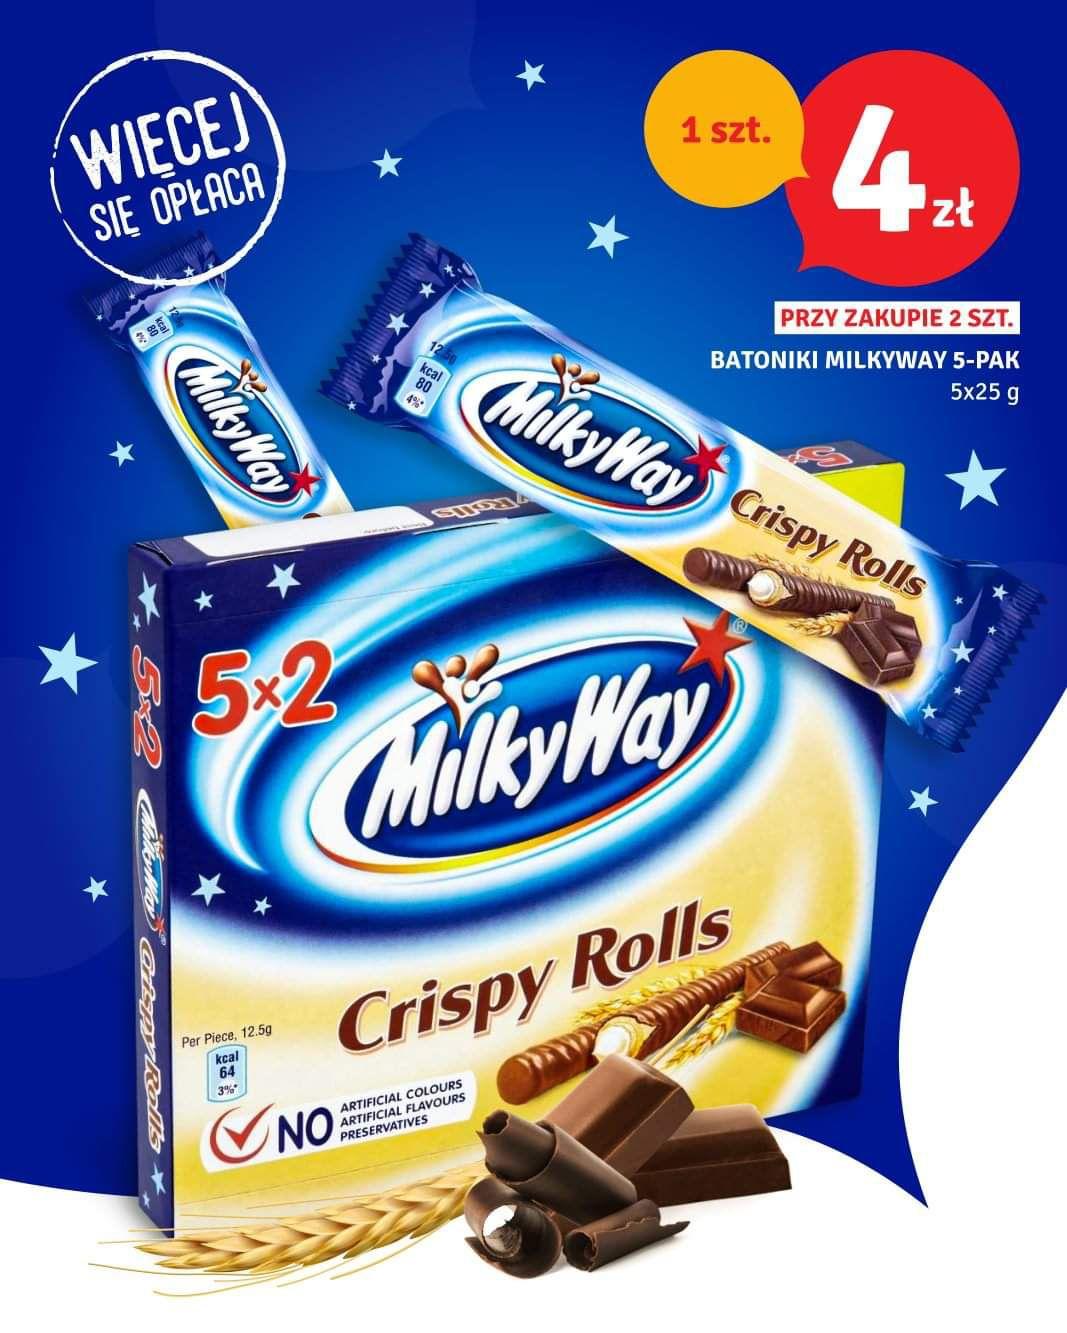 *DEALZ* Milky Way Crispy Rolls 10 szt za 8zl